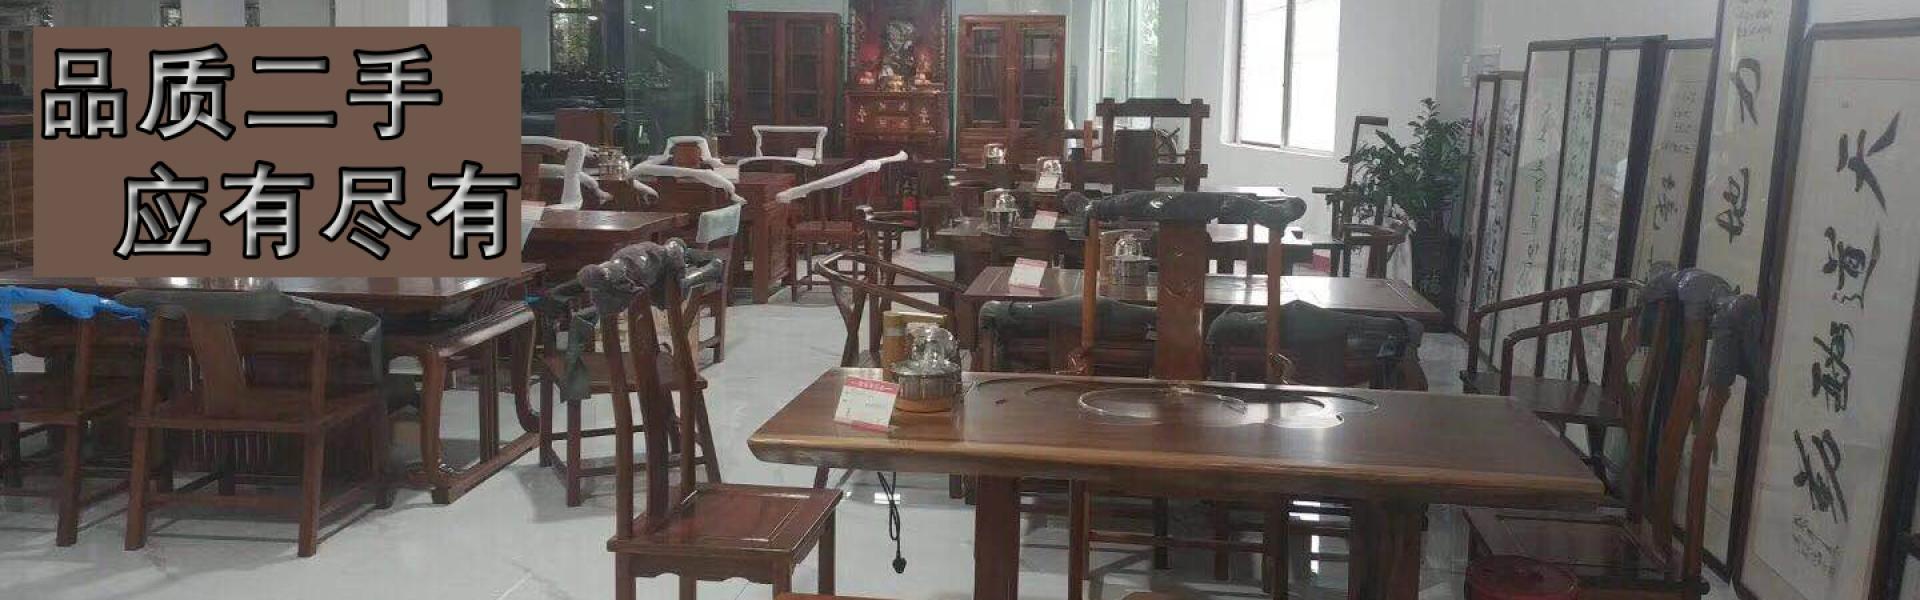 高档二手办公家具,广州海珠旧办公家具回收,广州二手文员椅,广州二手办公家私回收,广州诚信二手办公家具出售